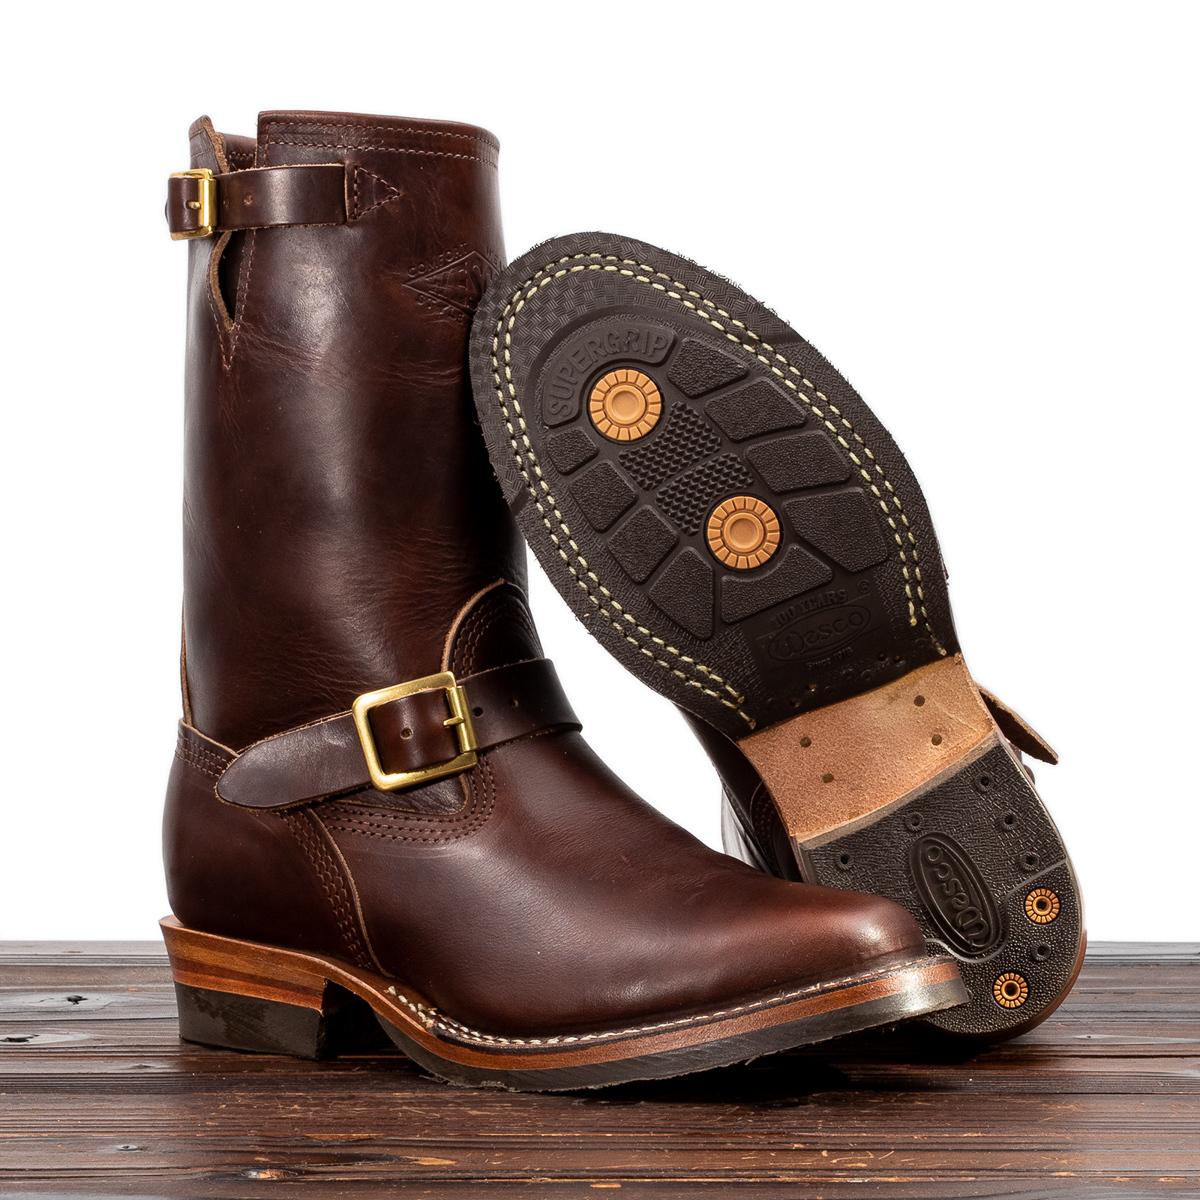 wesco - Mister Lou Engineer Boot - Brown CXL-Flat-02.jpg